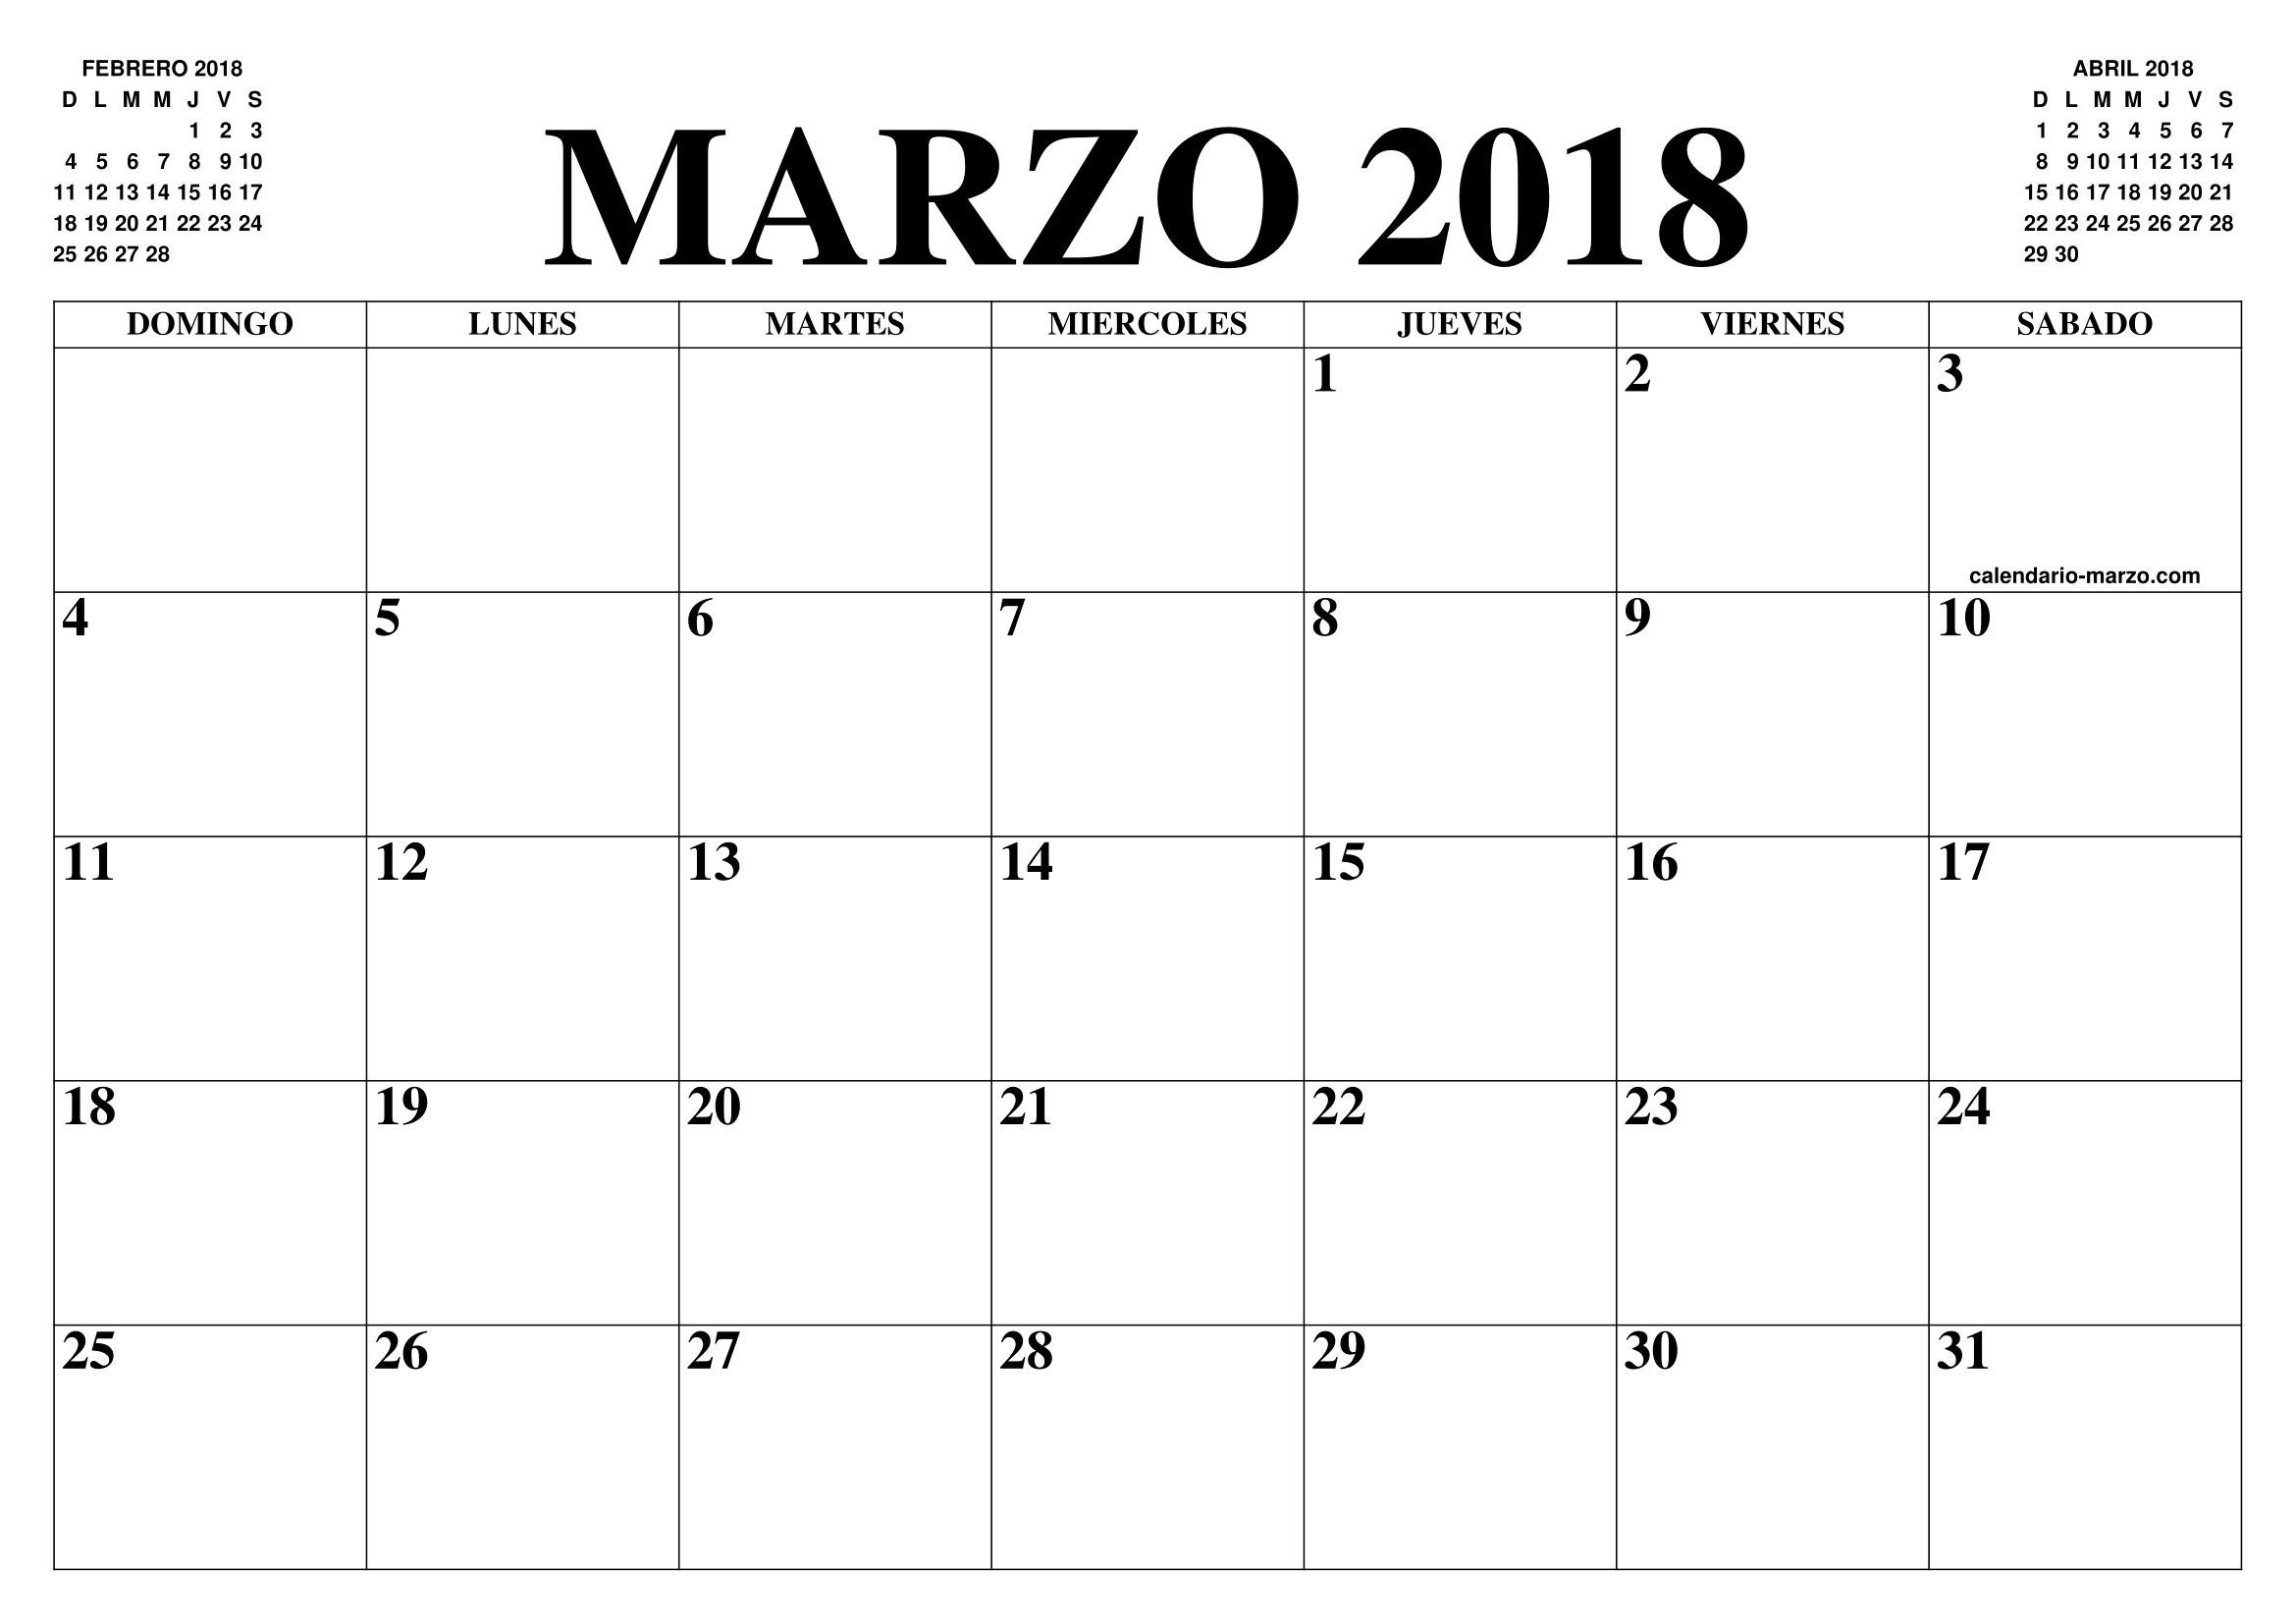 Calendario 2020 Meses Mejores Y Más Novedosos Armoured Vehicles Latin America ⁓ these Gym Virtual Of Calendario 2020 Meses Más Caliente Convenios Y Acuerdos